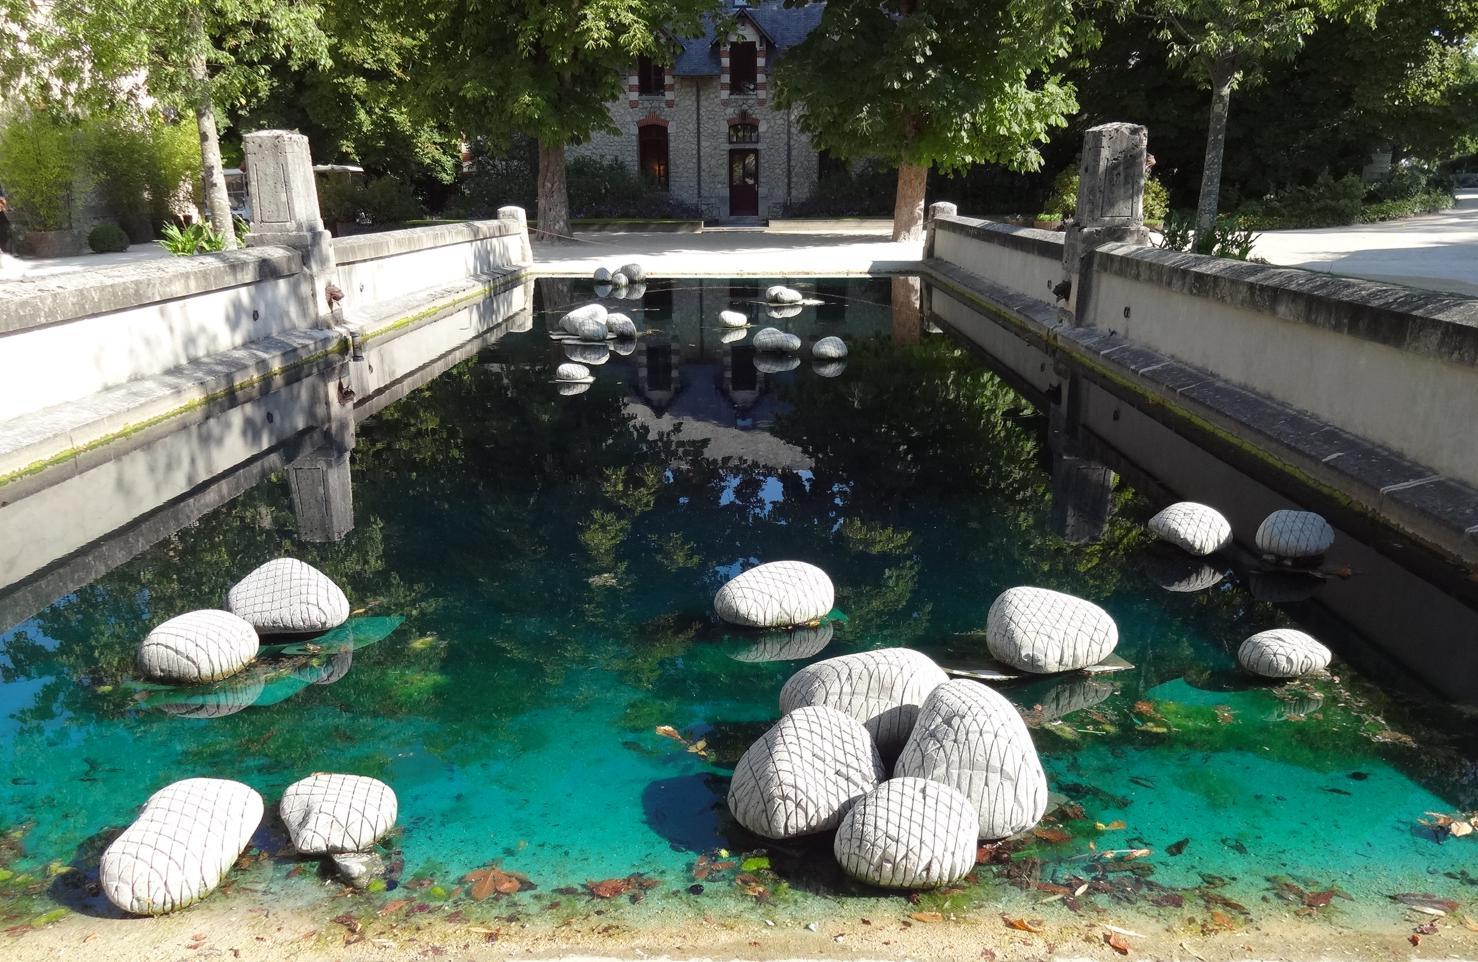 19 Chaumont sur Loire Entree Cour Int Oeuvre Bassin